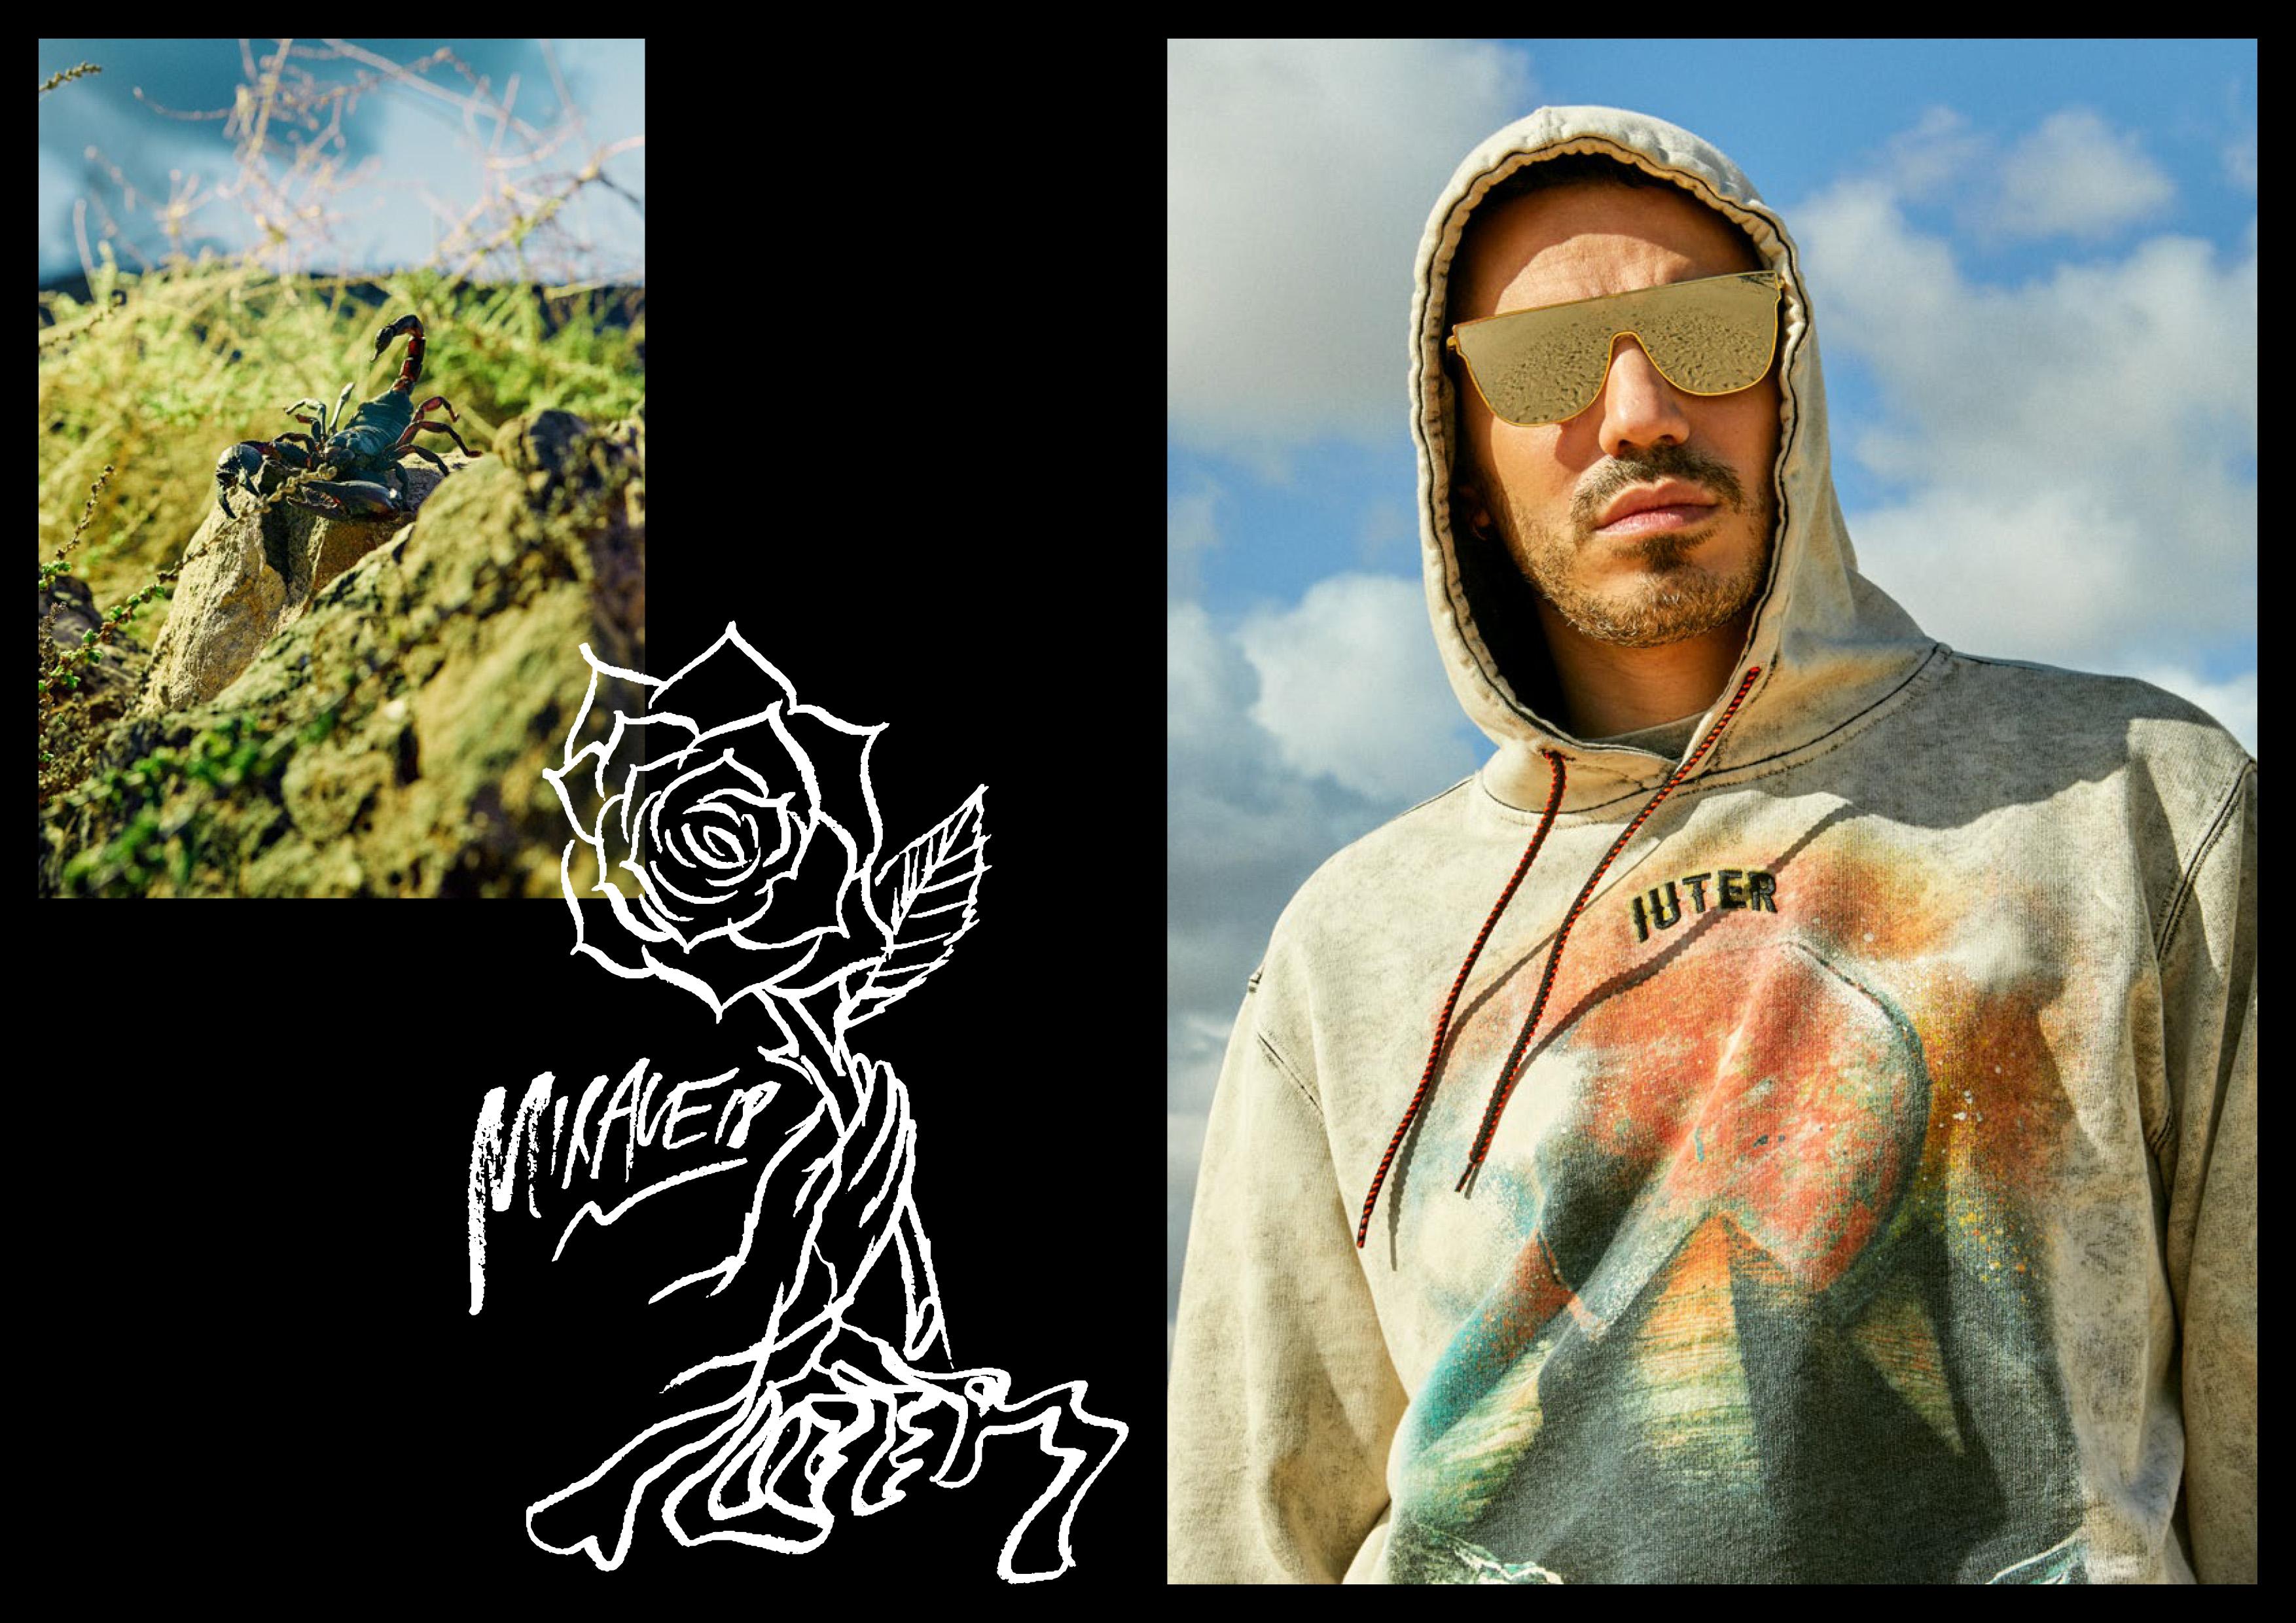 Marracash il volto della collezione Mirage di IUTER 13